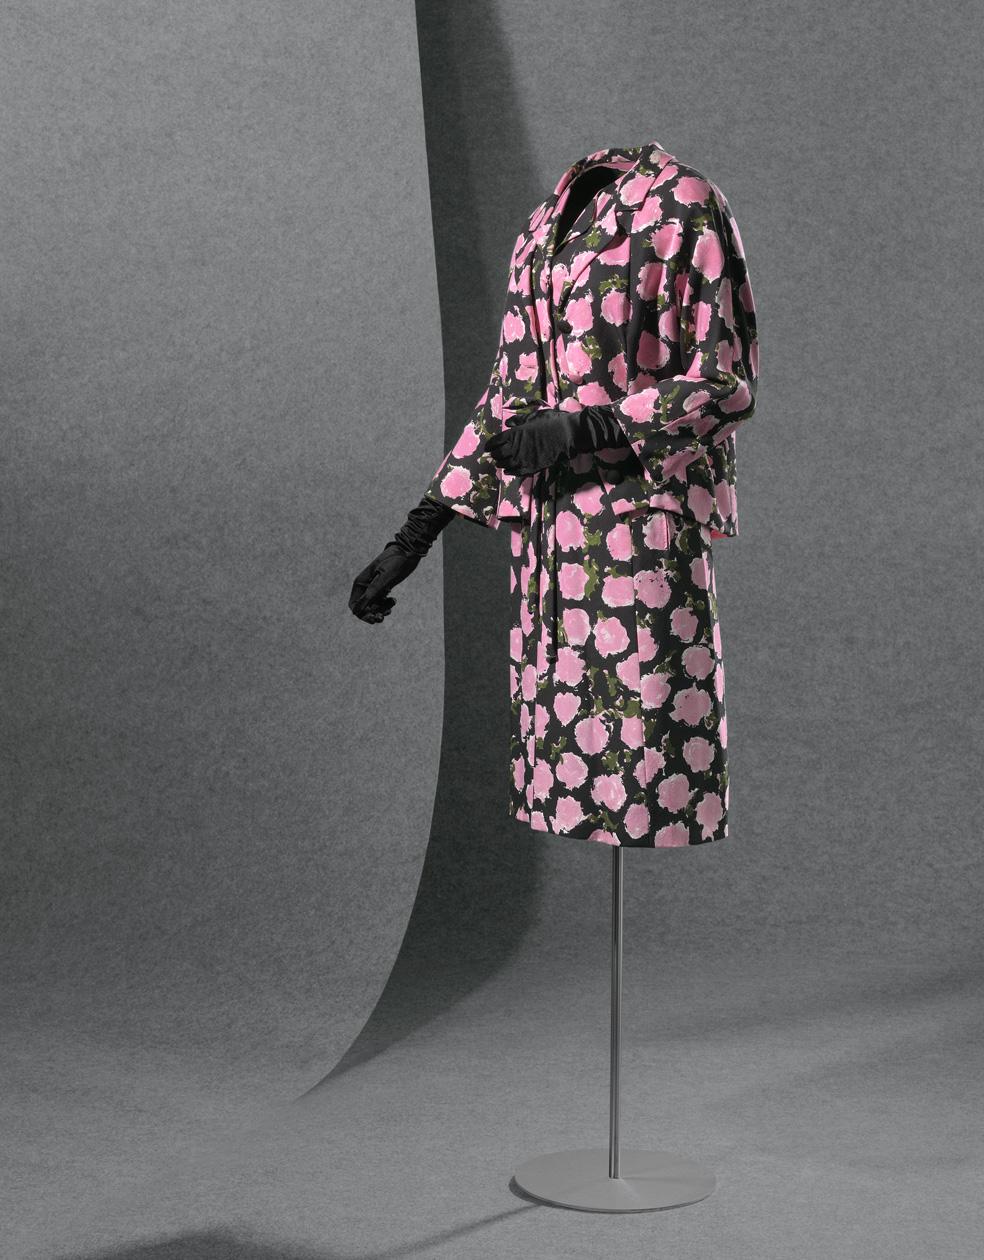 Chaqueta y vestido en sarga batavia con decoración estampada en rosa, verde y negro que dibujan motivos florales